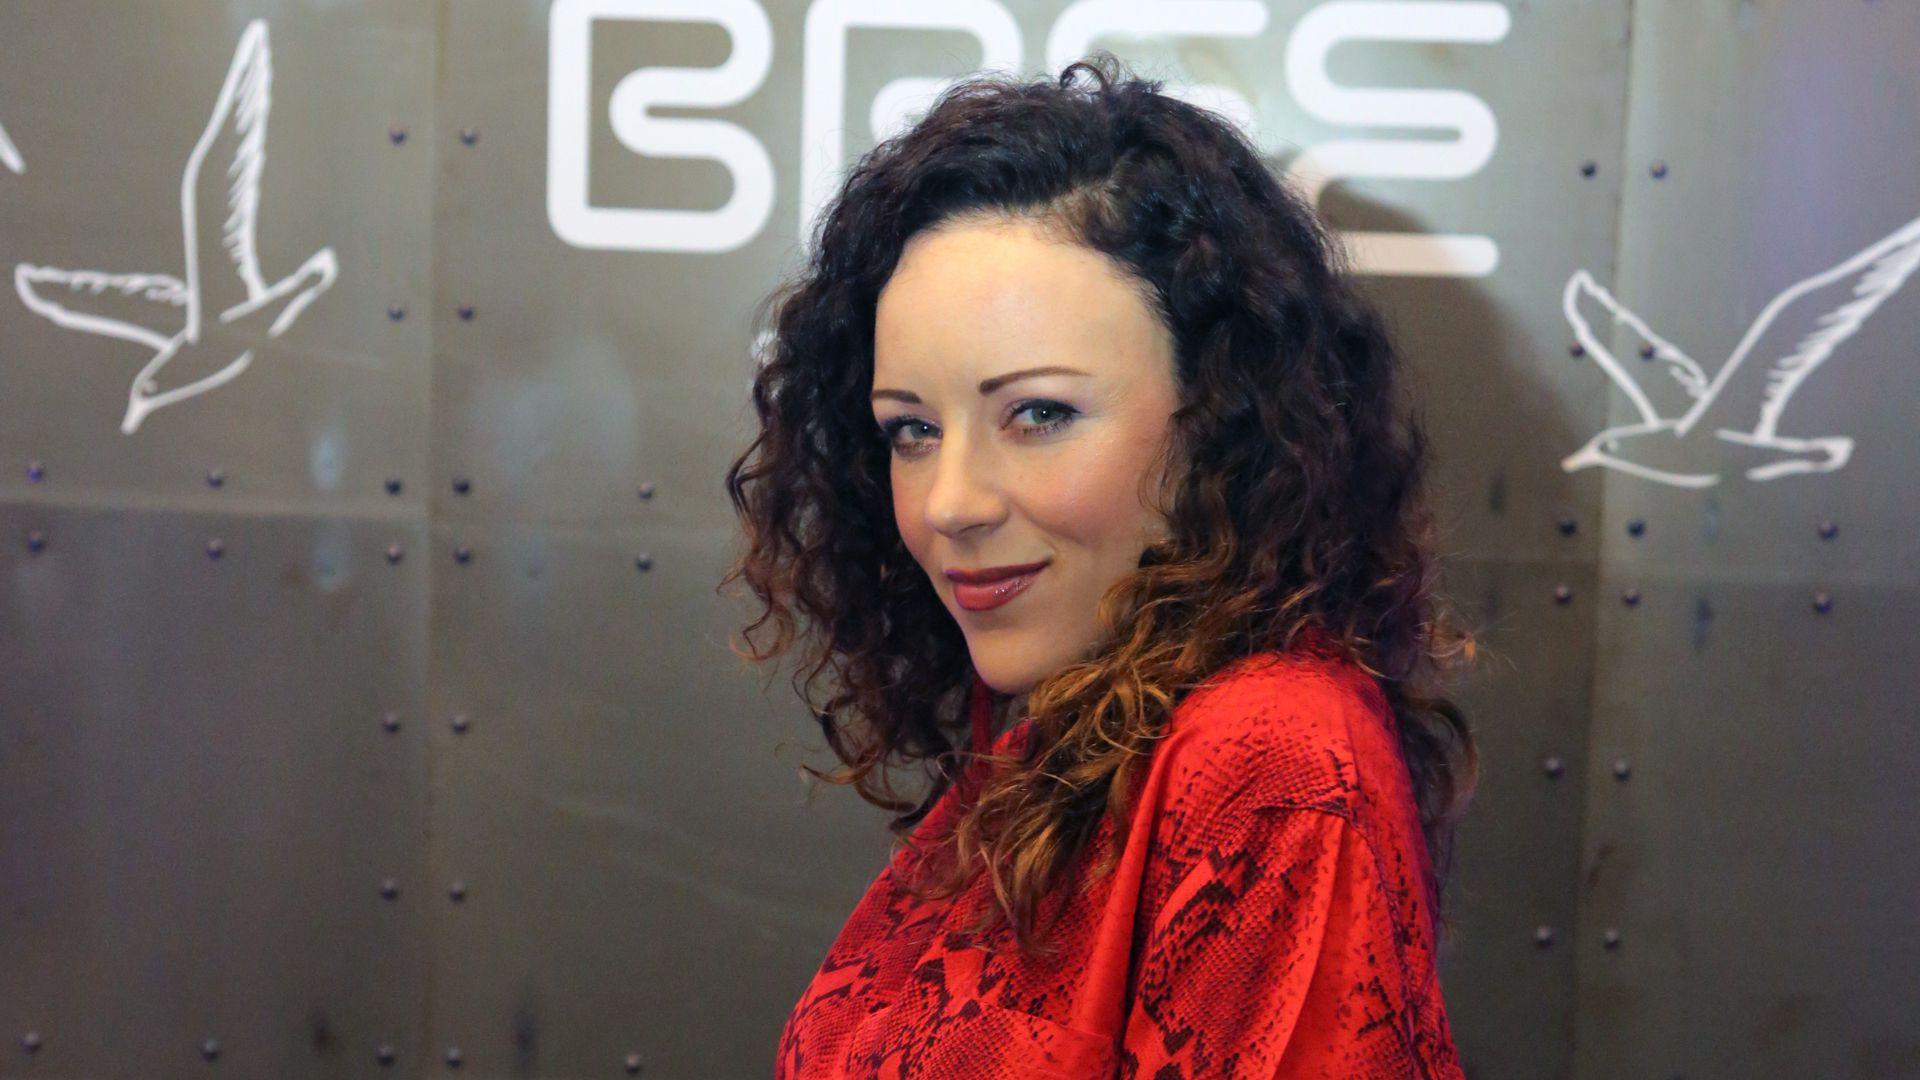 Wegen Lockdown? Jasmin Wagner spricht über ihre Trennung - Promiflash.de